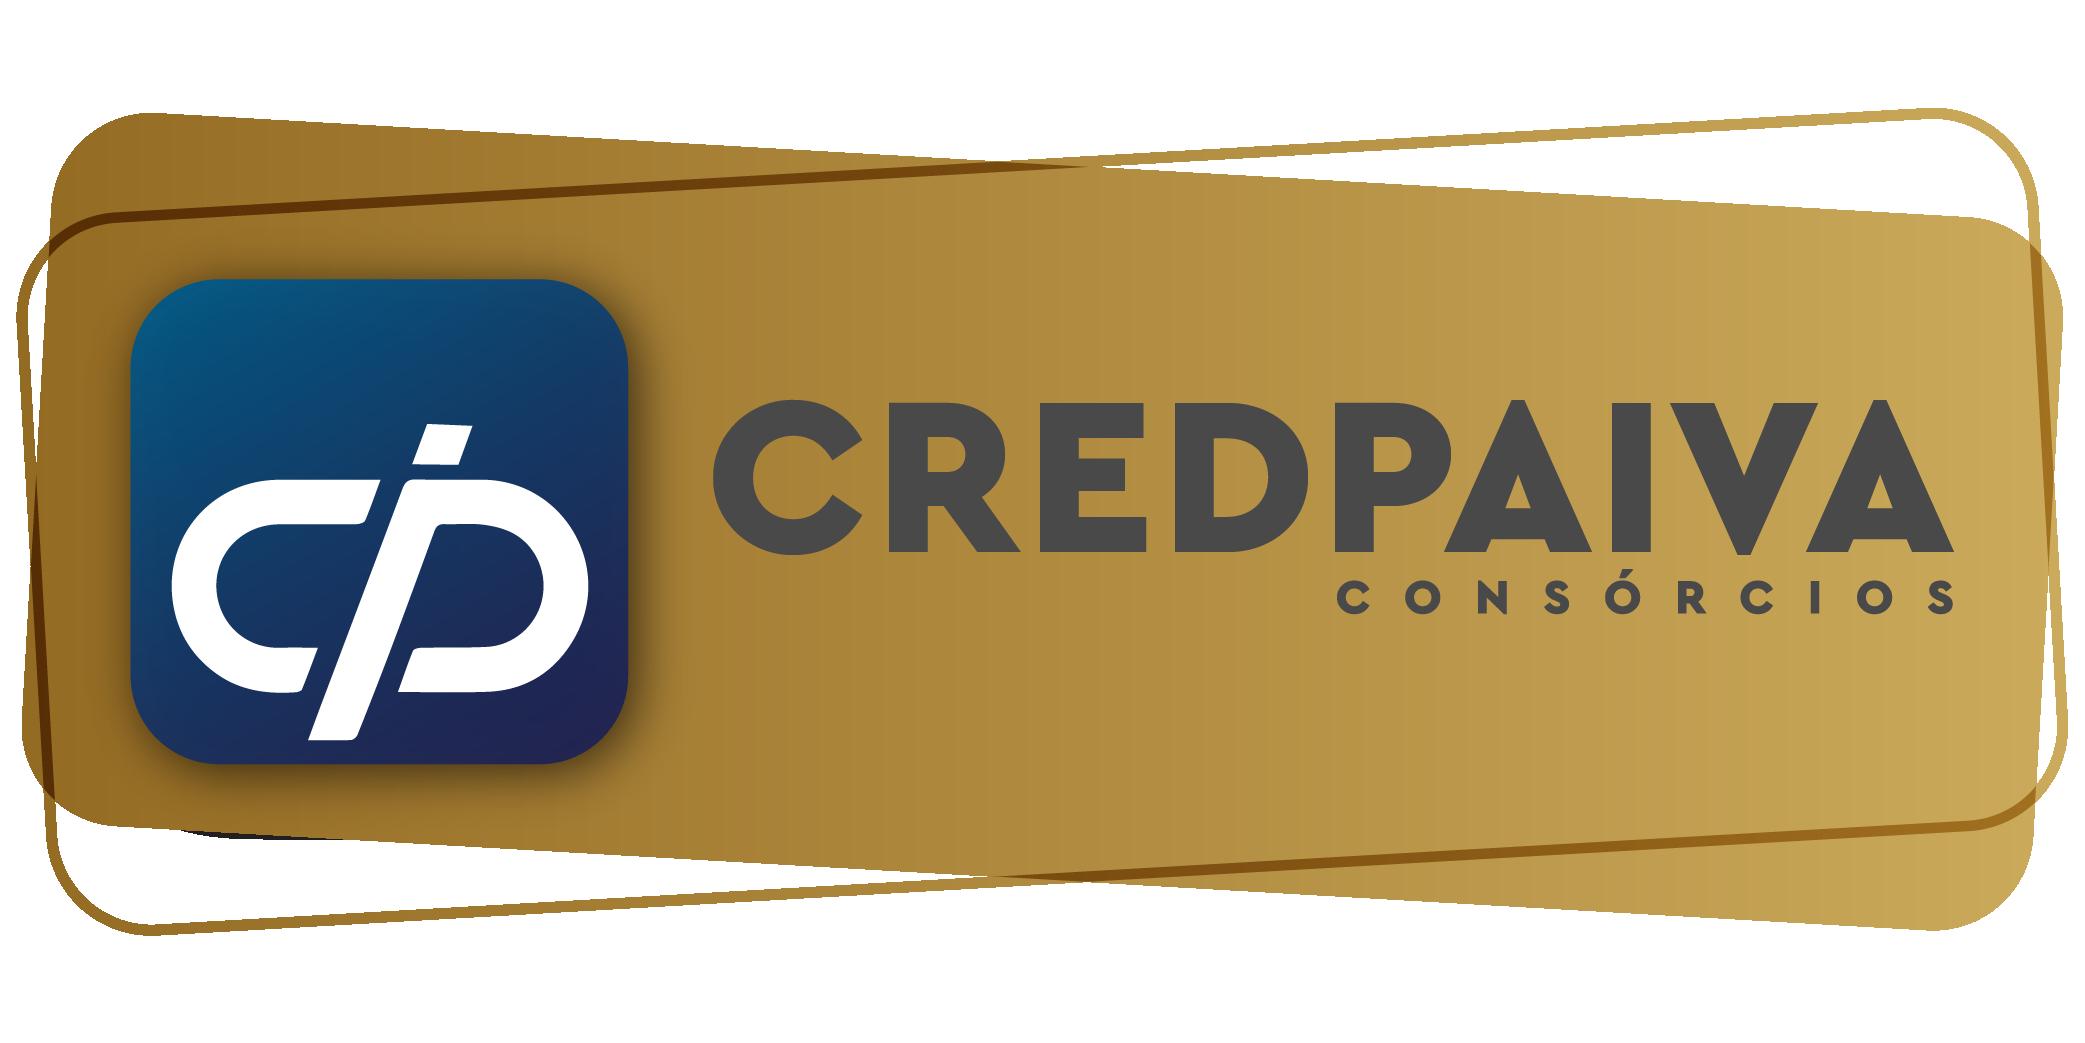 ivan-credpaiva_CREDPAIVA - logo - 1000x500